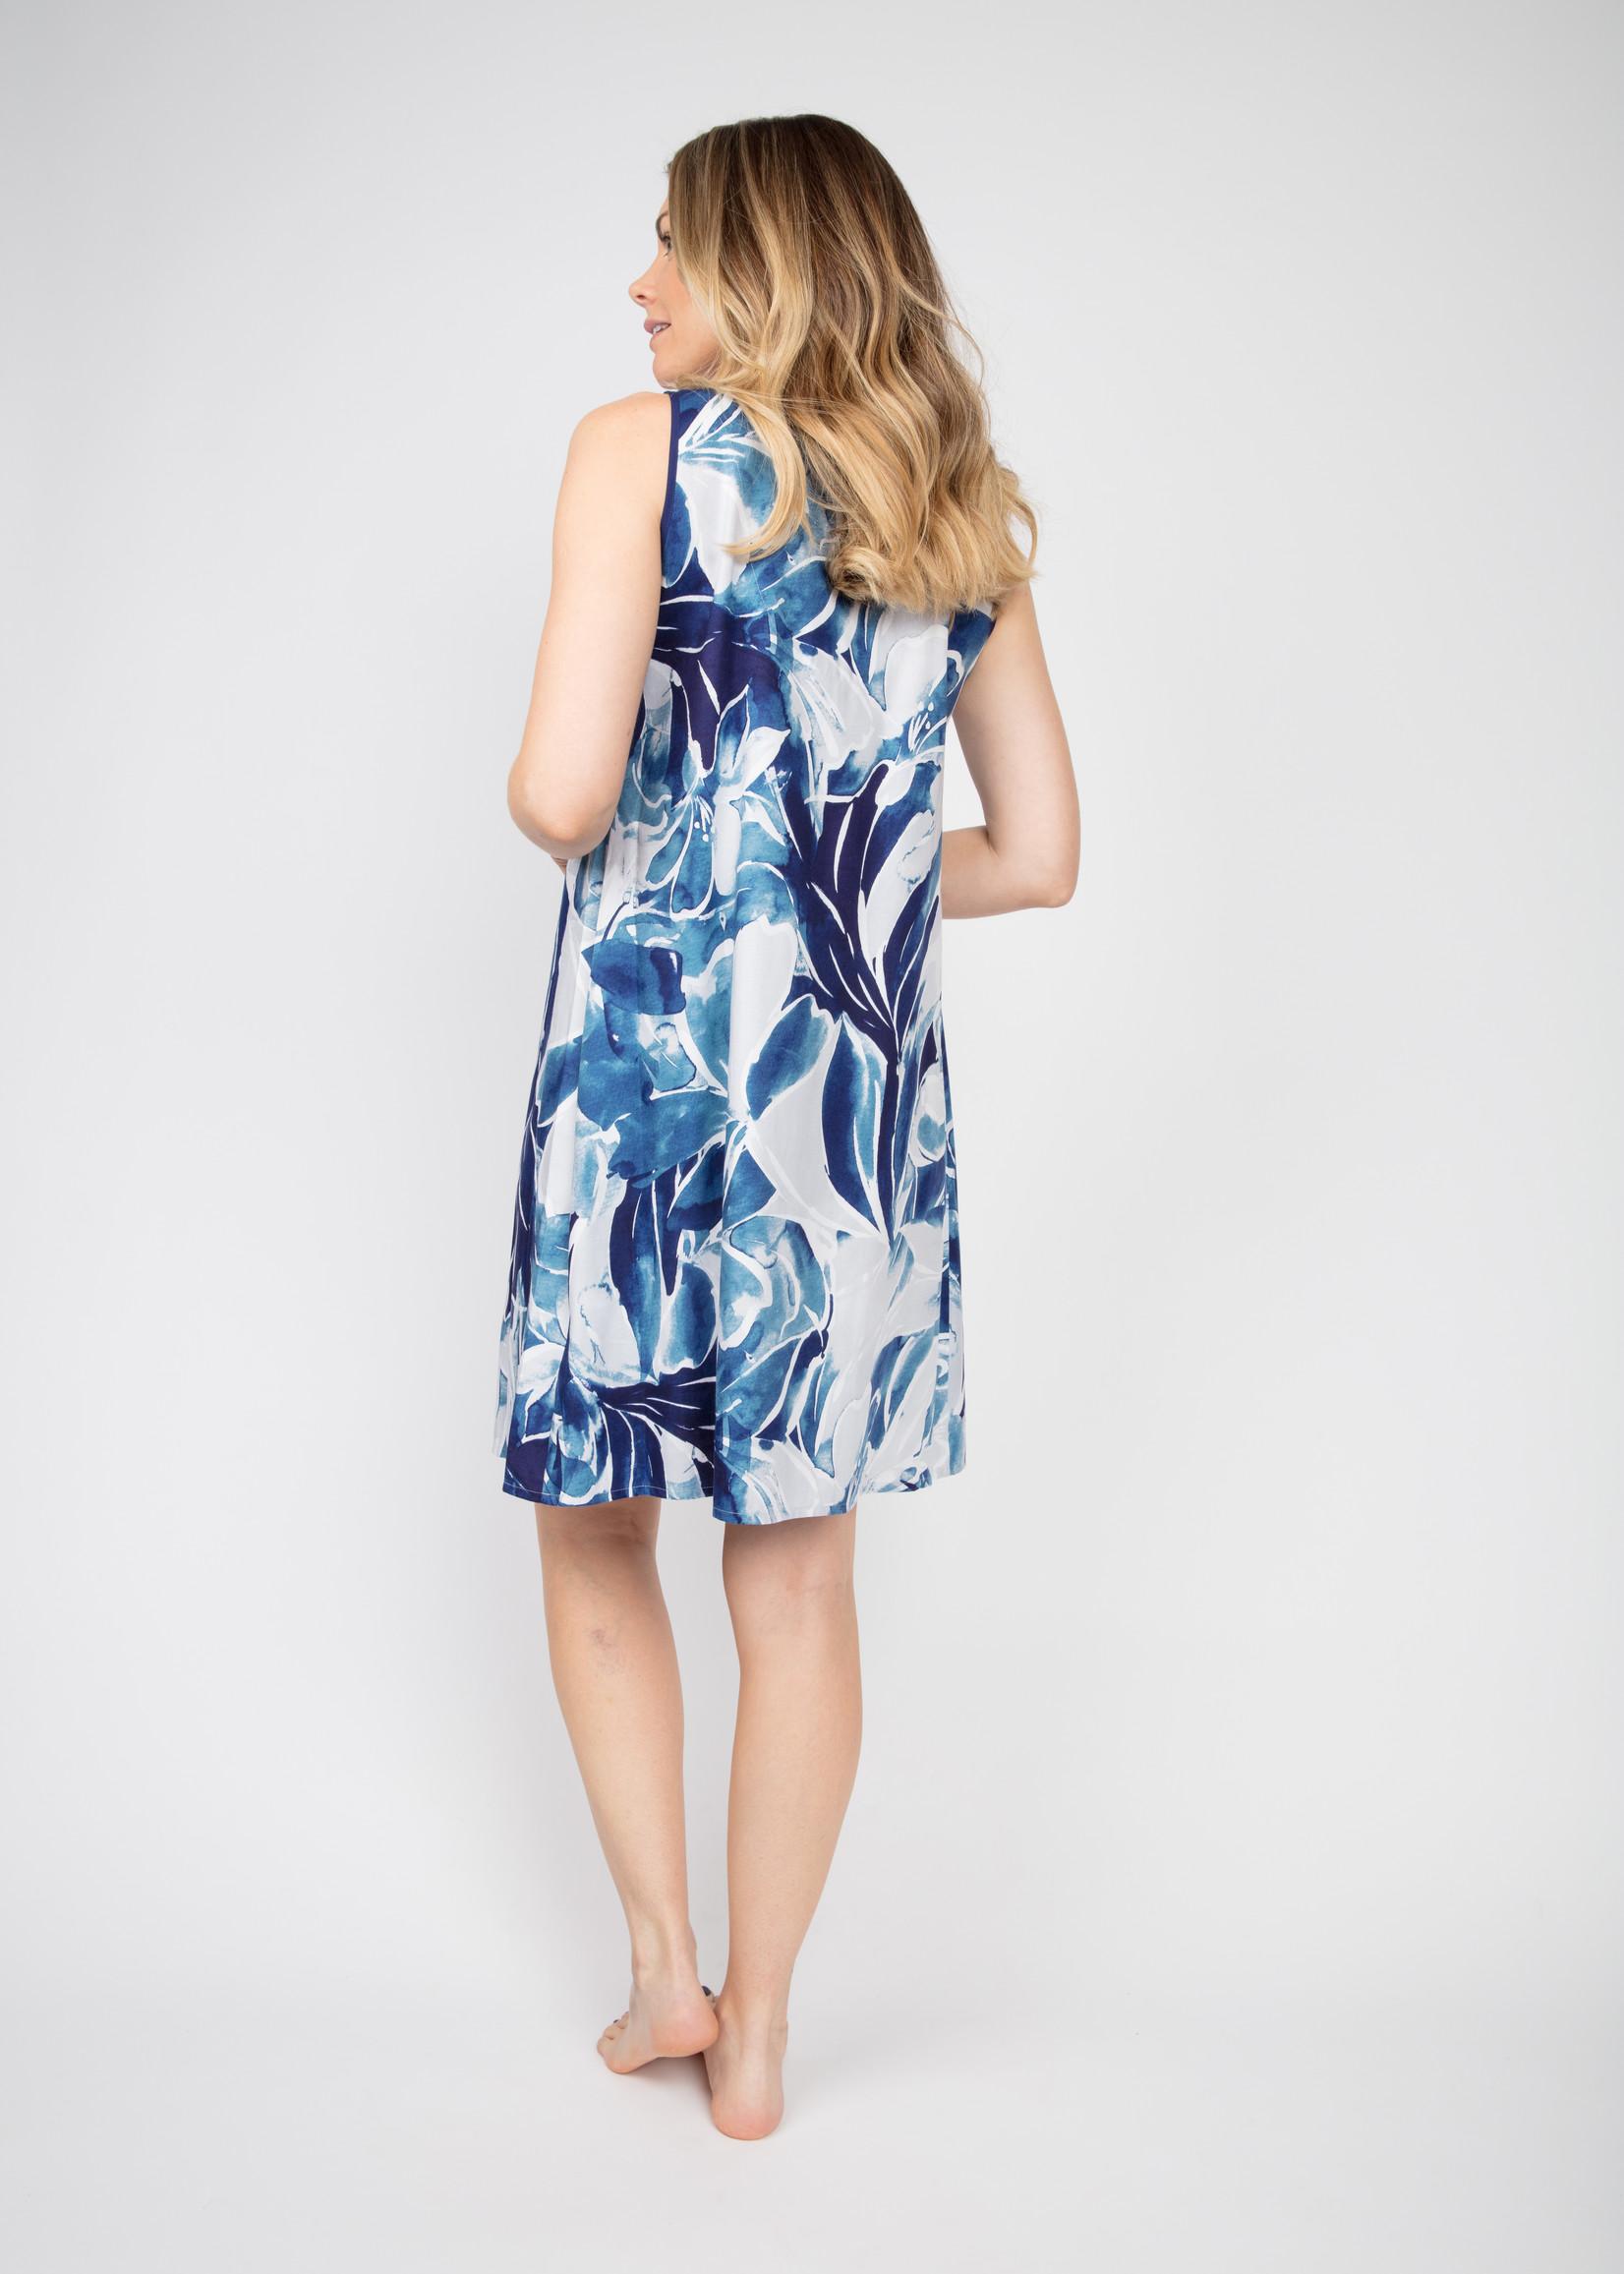 Cyberjammies Cyberjammies Ellie Floral Print Nightgown